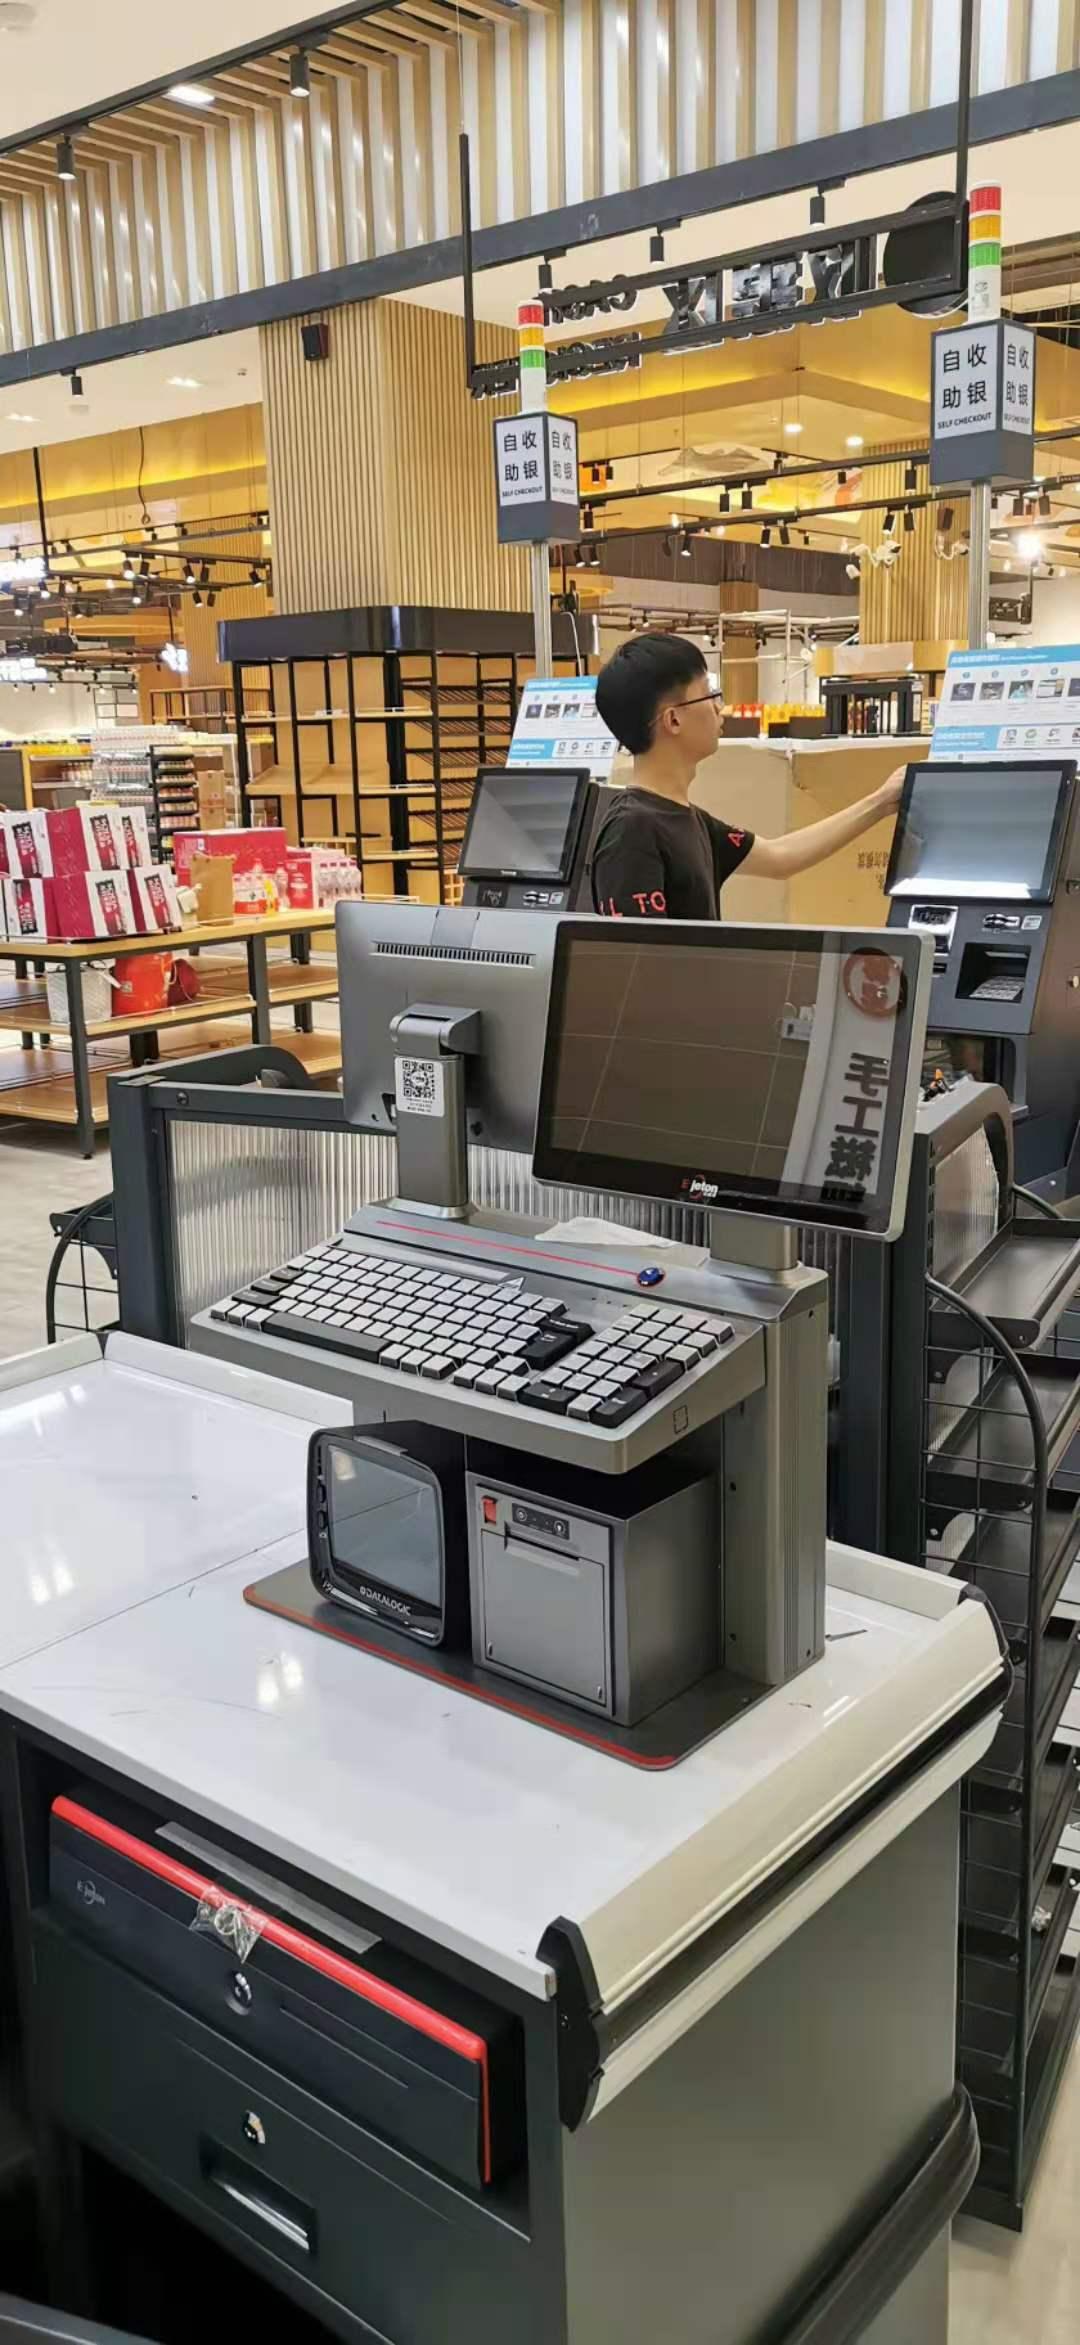 貴蔬超市3.jpg